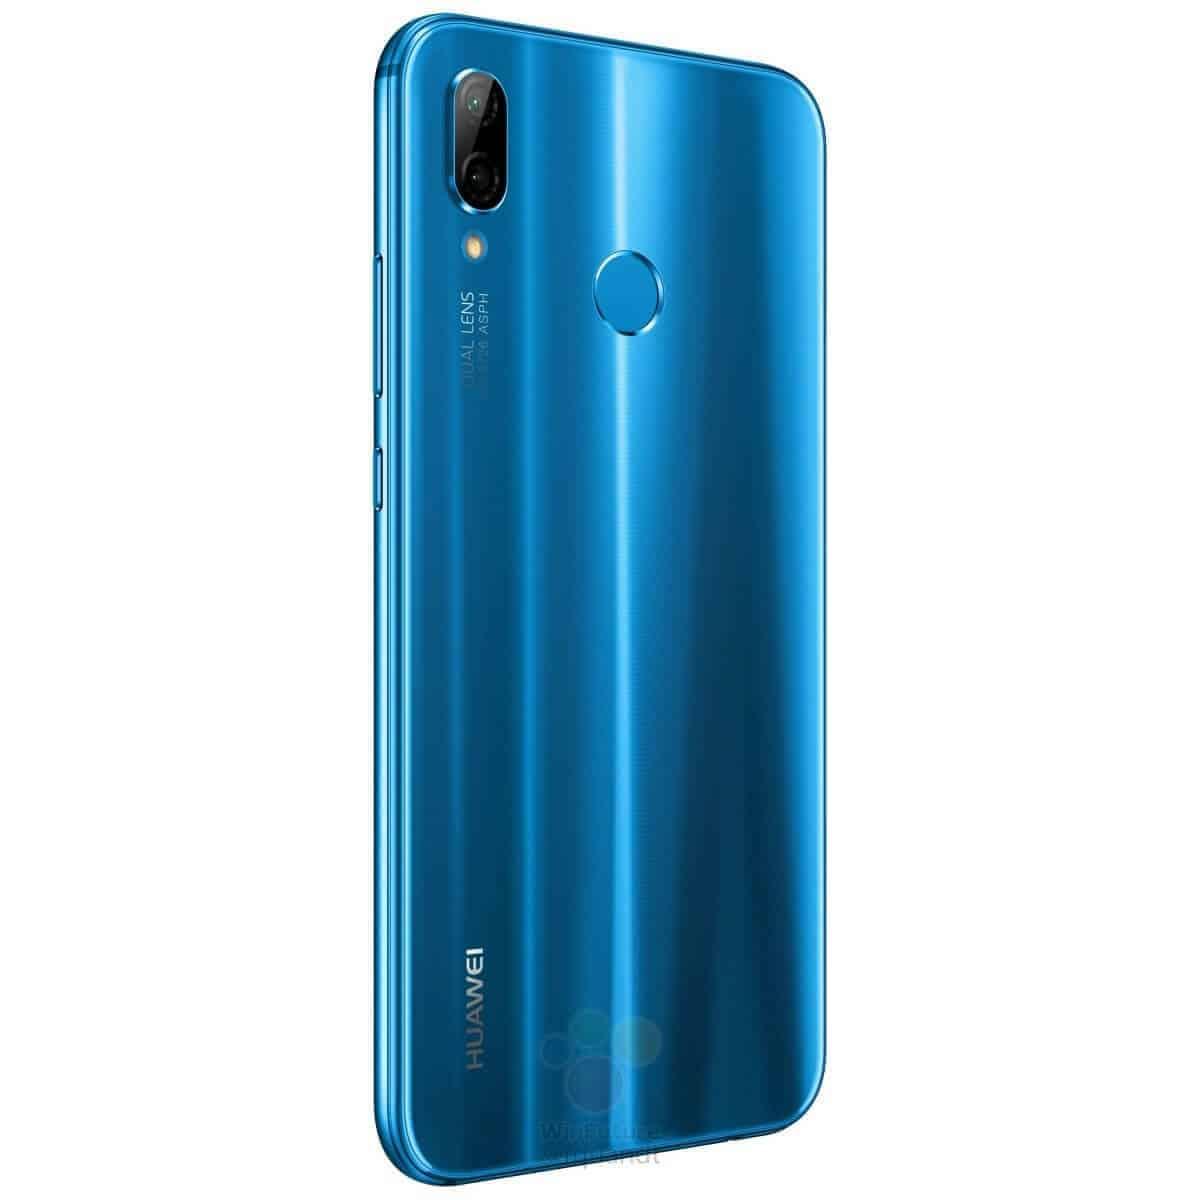 Huawei P20 Lite Press Renders 1